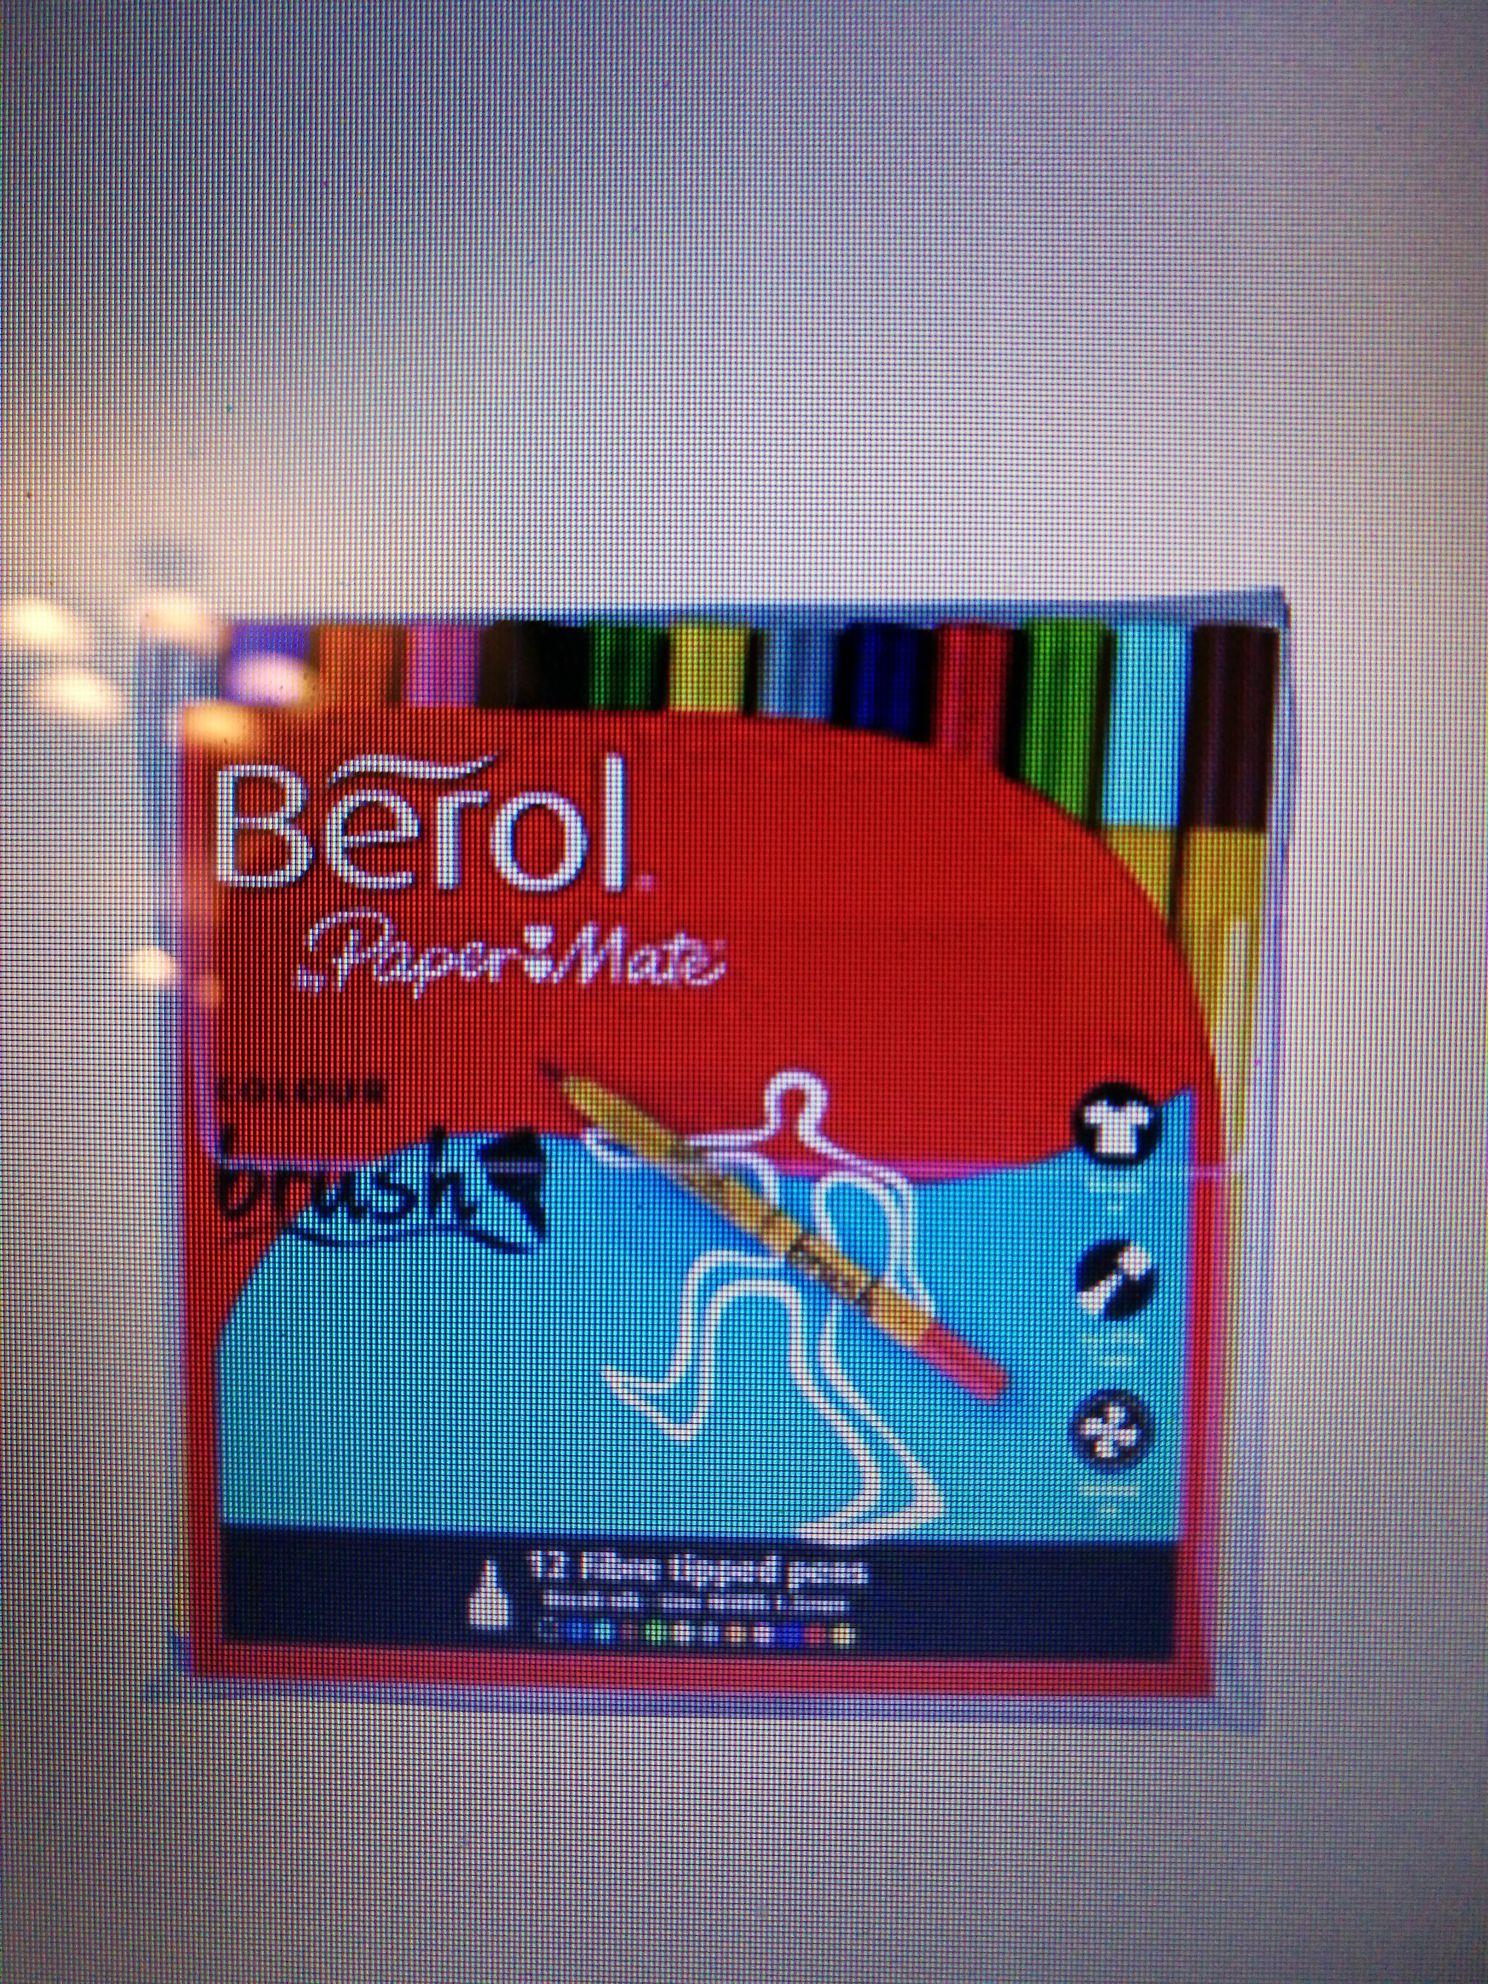 12 Berol Brush nib felt tip pens  - £1.94 @ Amazon (Add on Item)